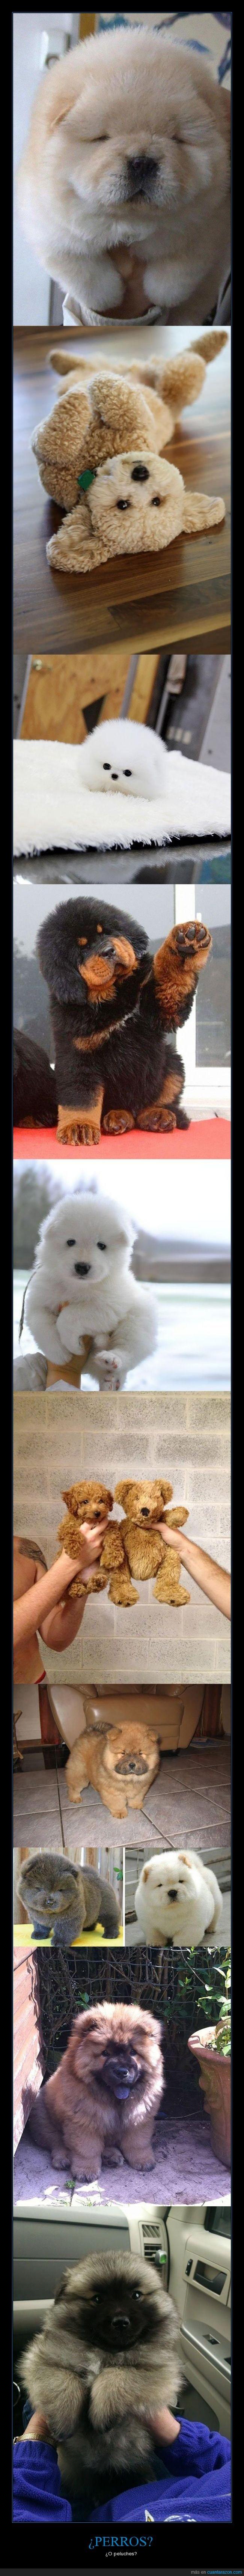 blandito,cachorro,cute,mola,mono,peluche,perro